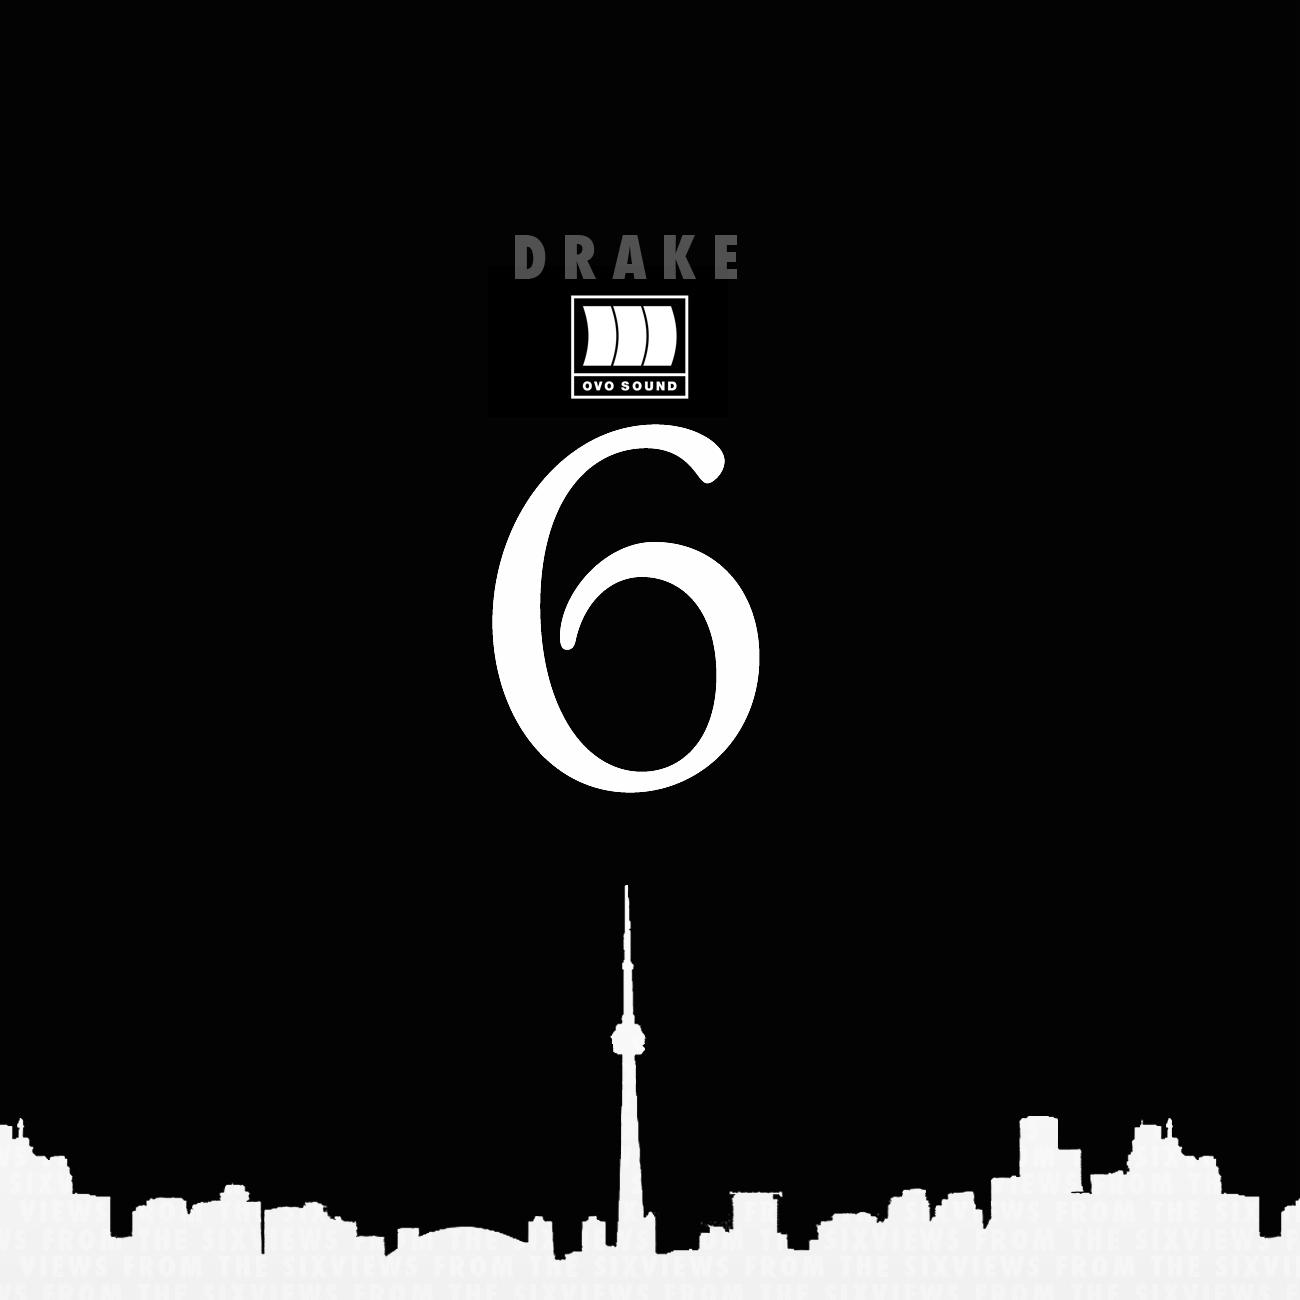 Iphone 6 wallpaper tumblr drake - Drake